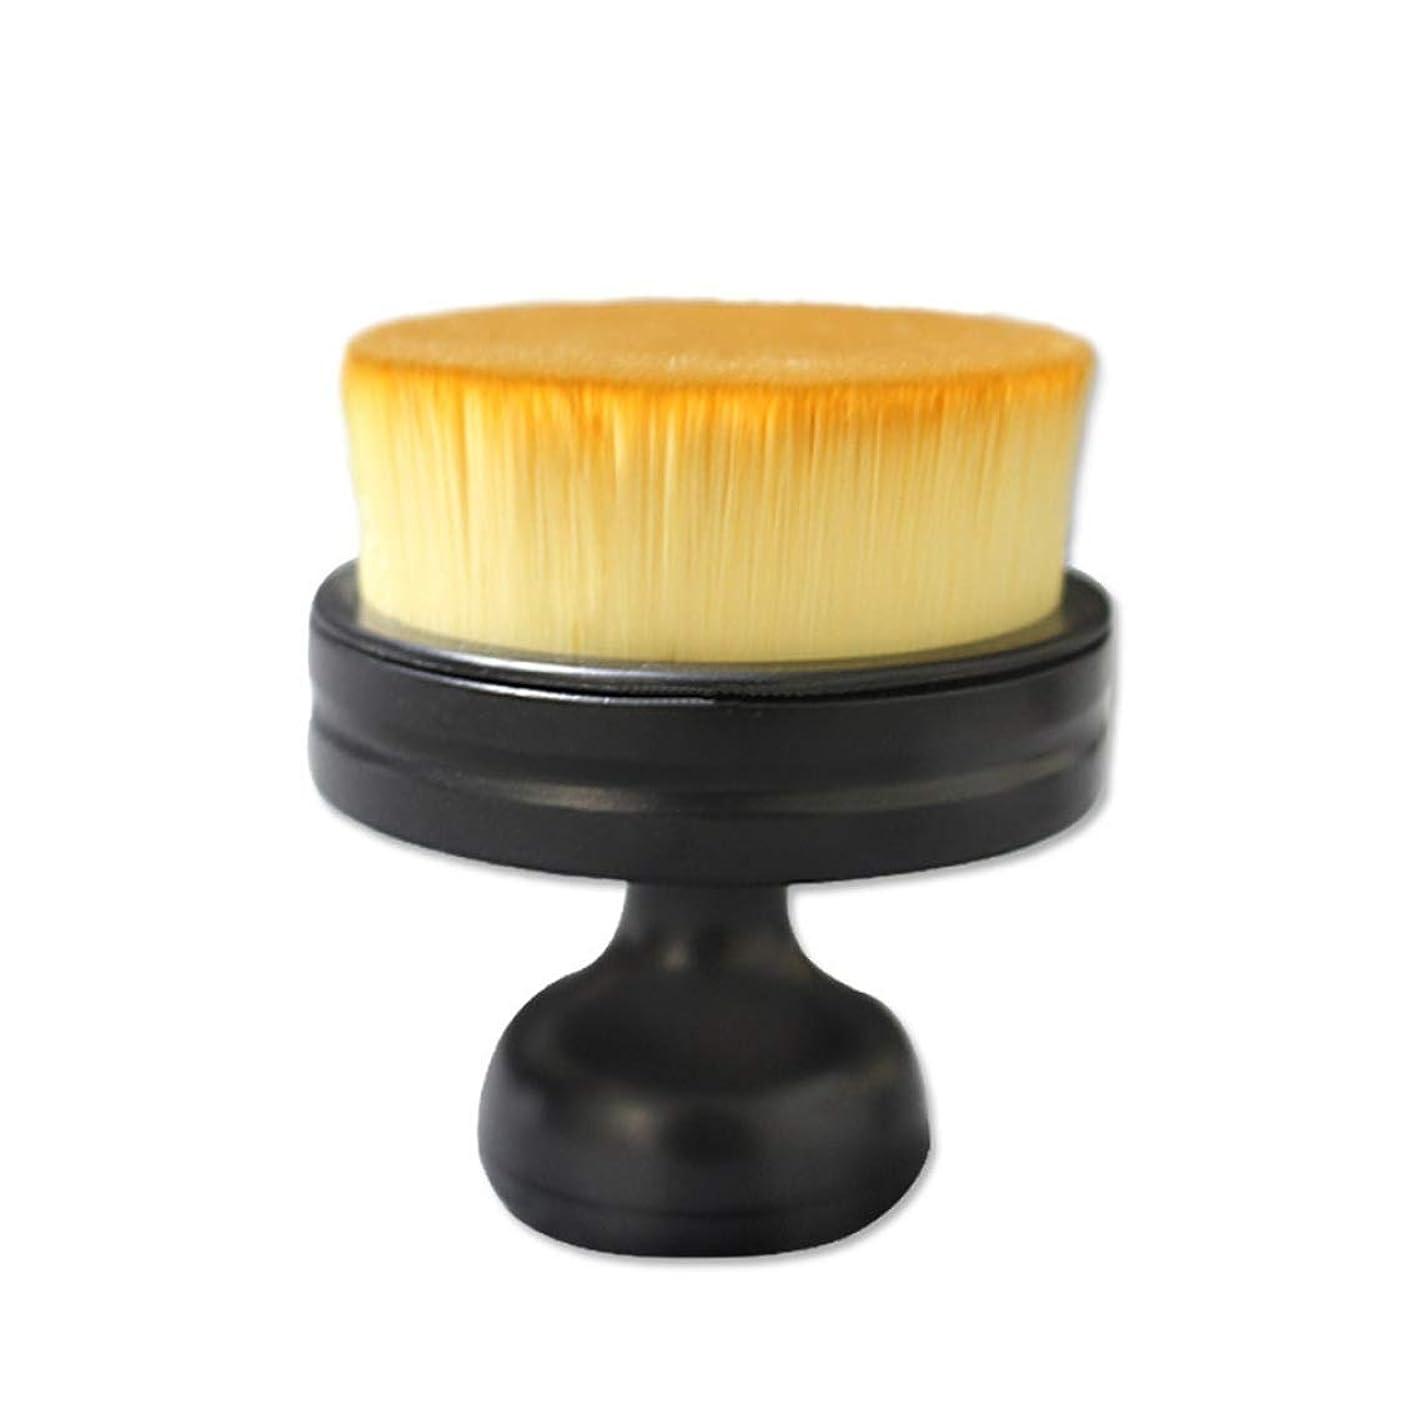 着陸解釈的統治するYoshilimen 先進の2019の携帯化粧ブラシ?シールスタンプ基盤(None Black carton packaging)